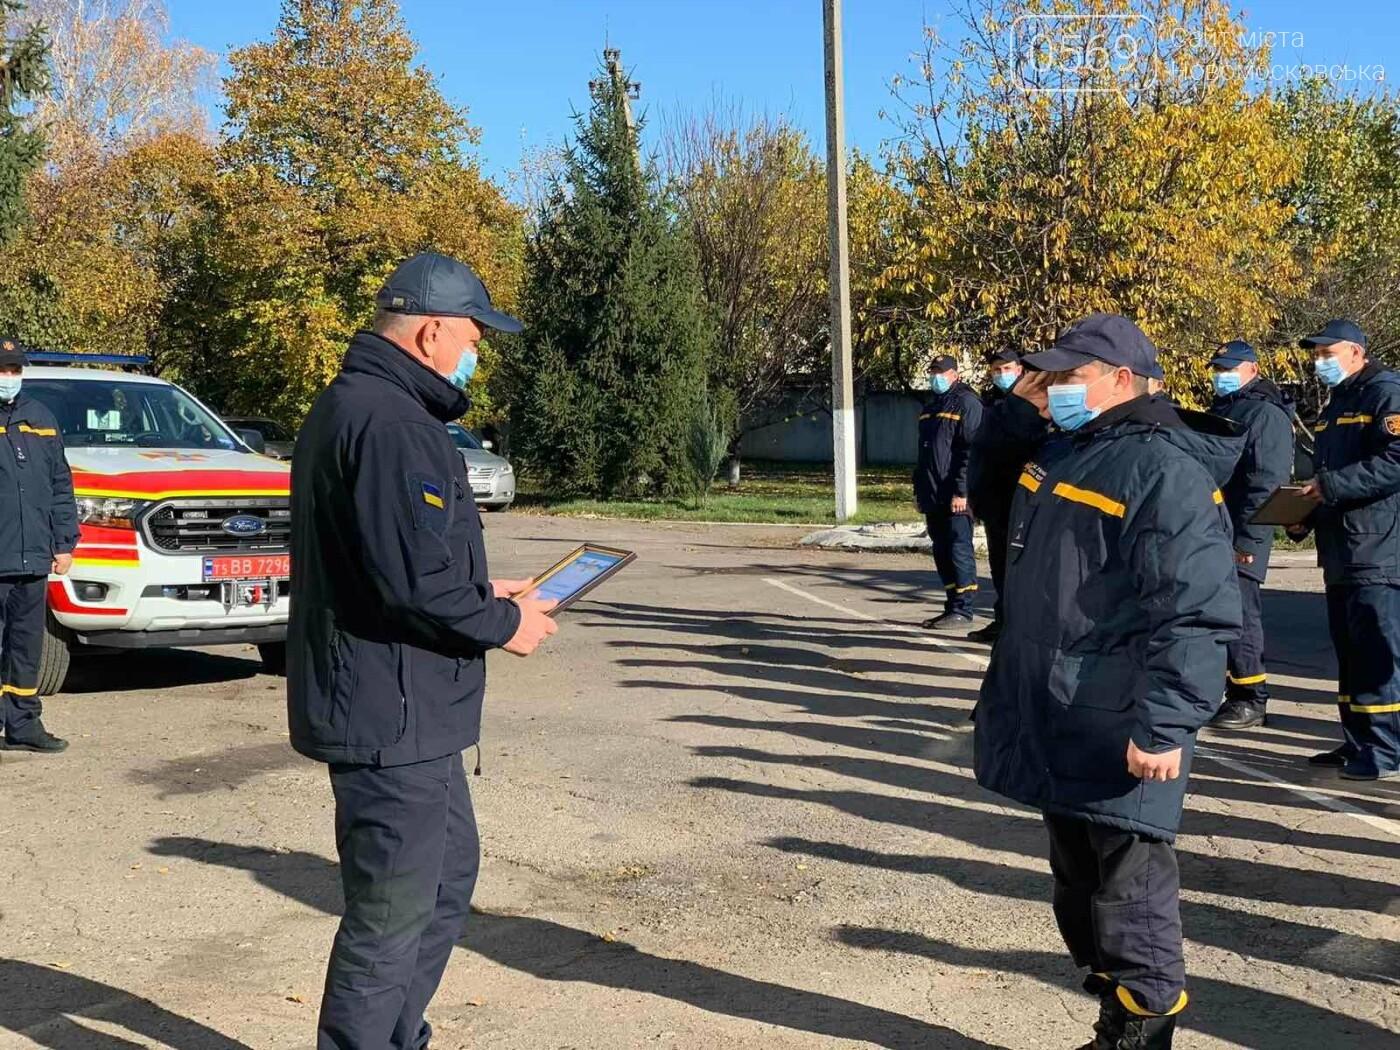 Новообраний очільник Новомосковська взяв участь у виїзній нараді в місцевій пожежно-рятувальній частині, фото-2